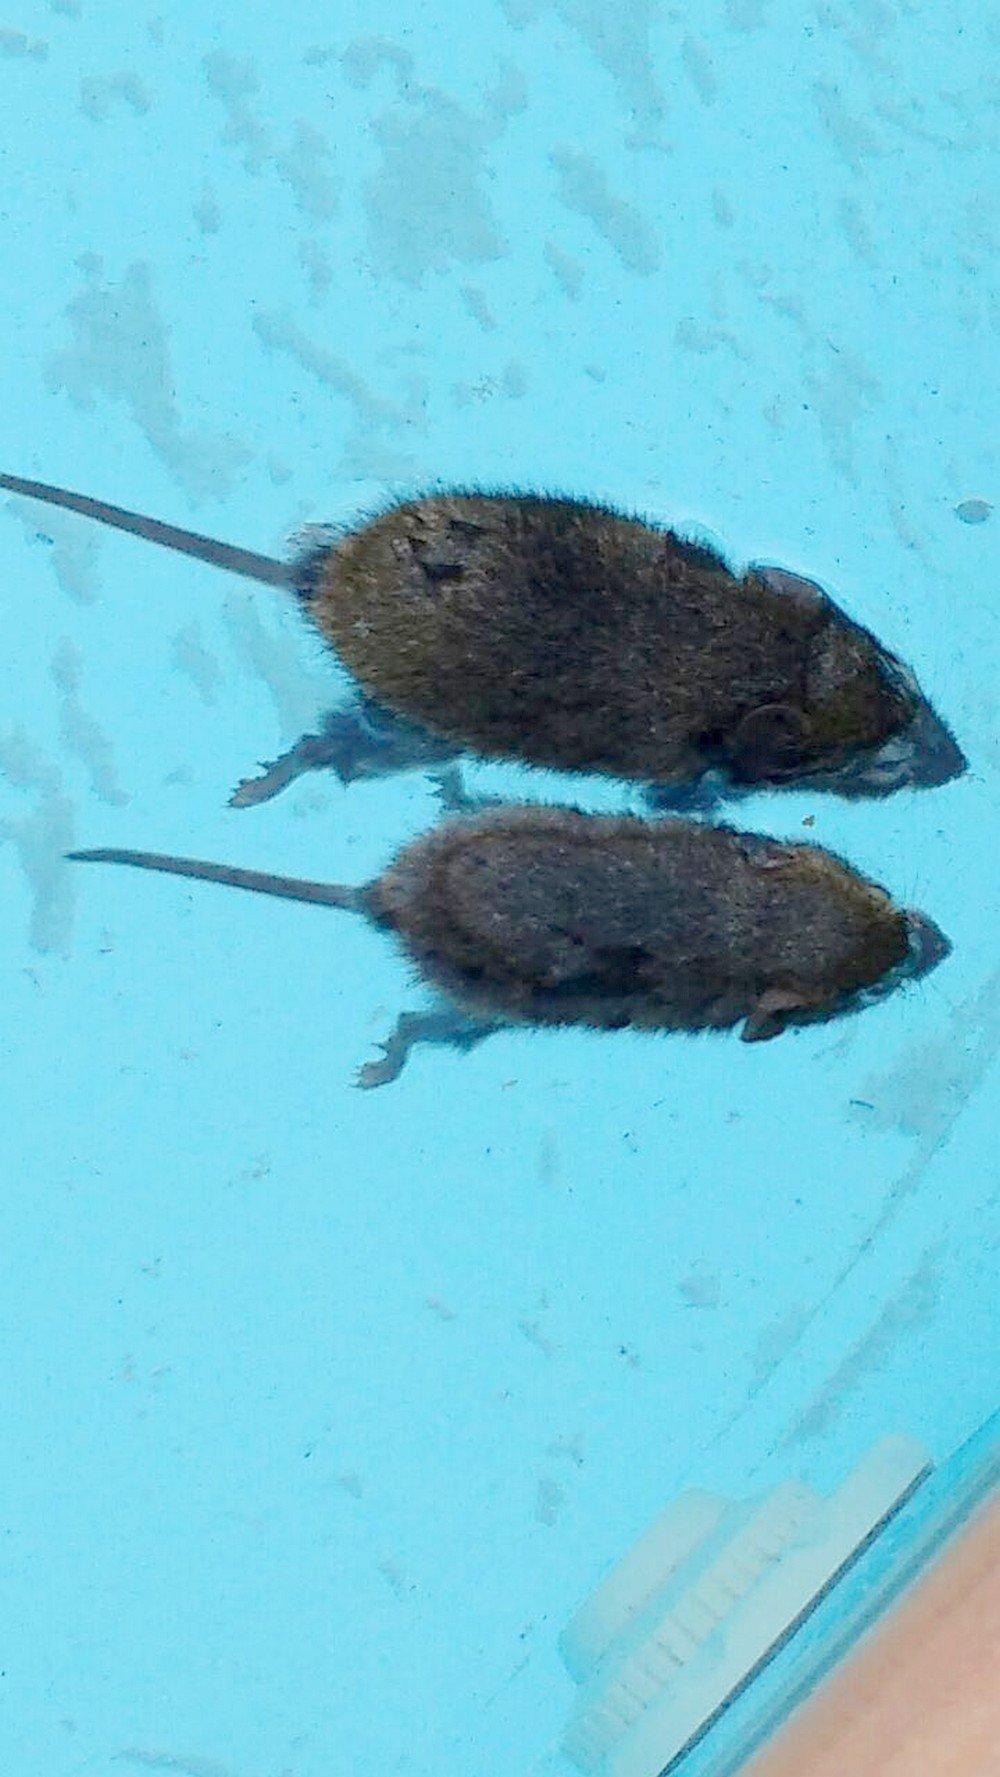 Ratos silvestres invadiram as casas e as cobras vieram atrás, também em busca de alimento